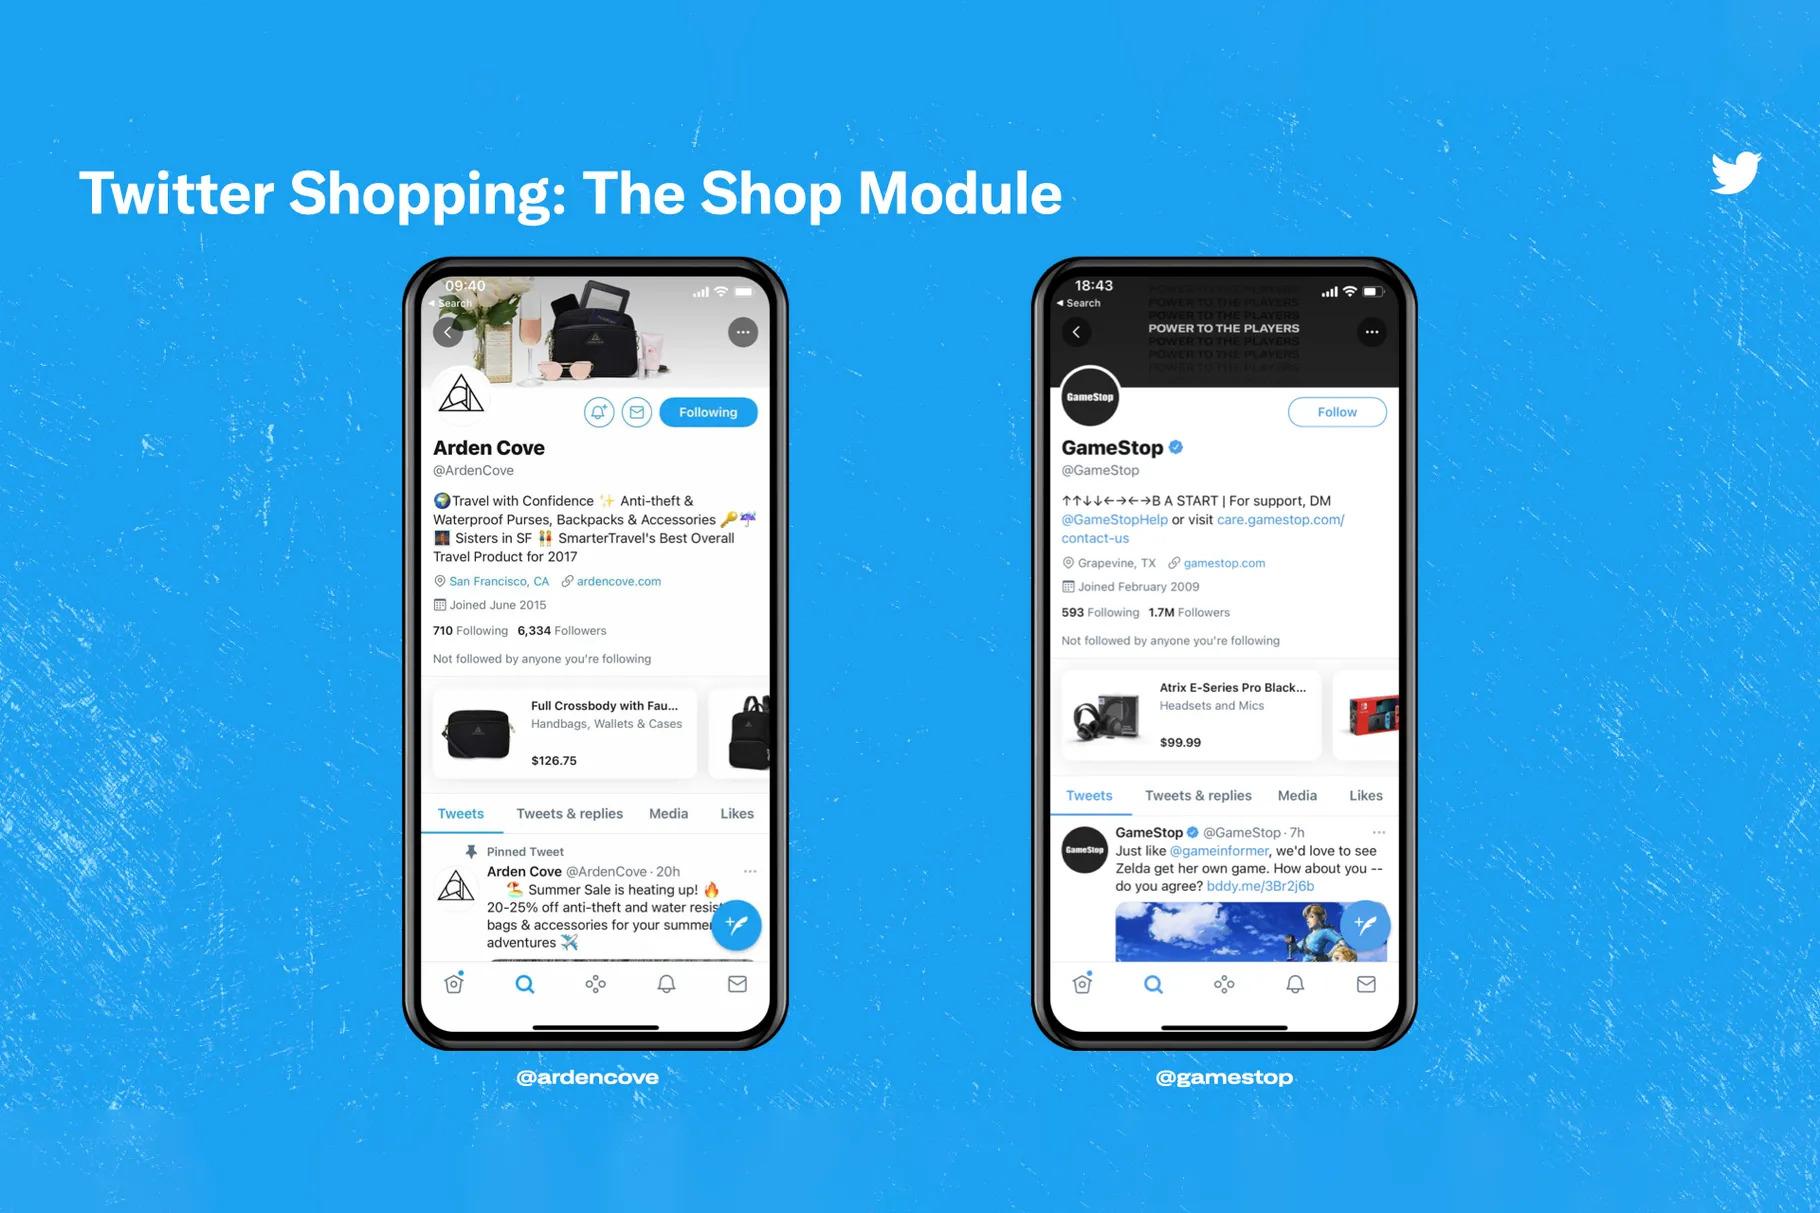 Twitter Shopping - Shop Module